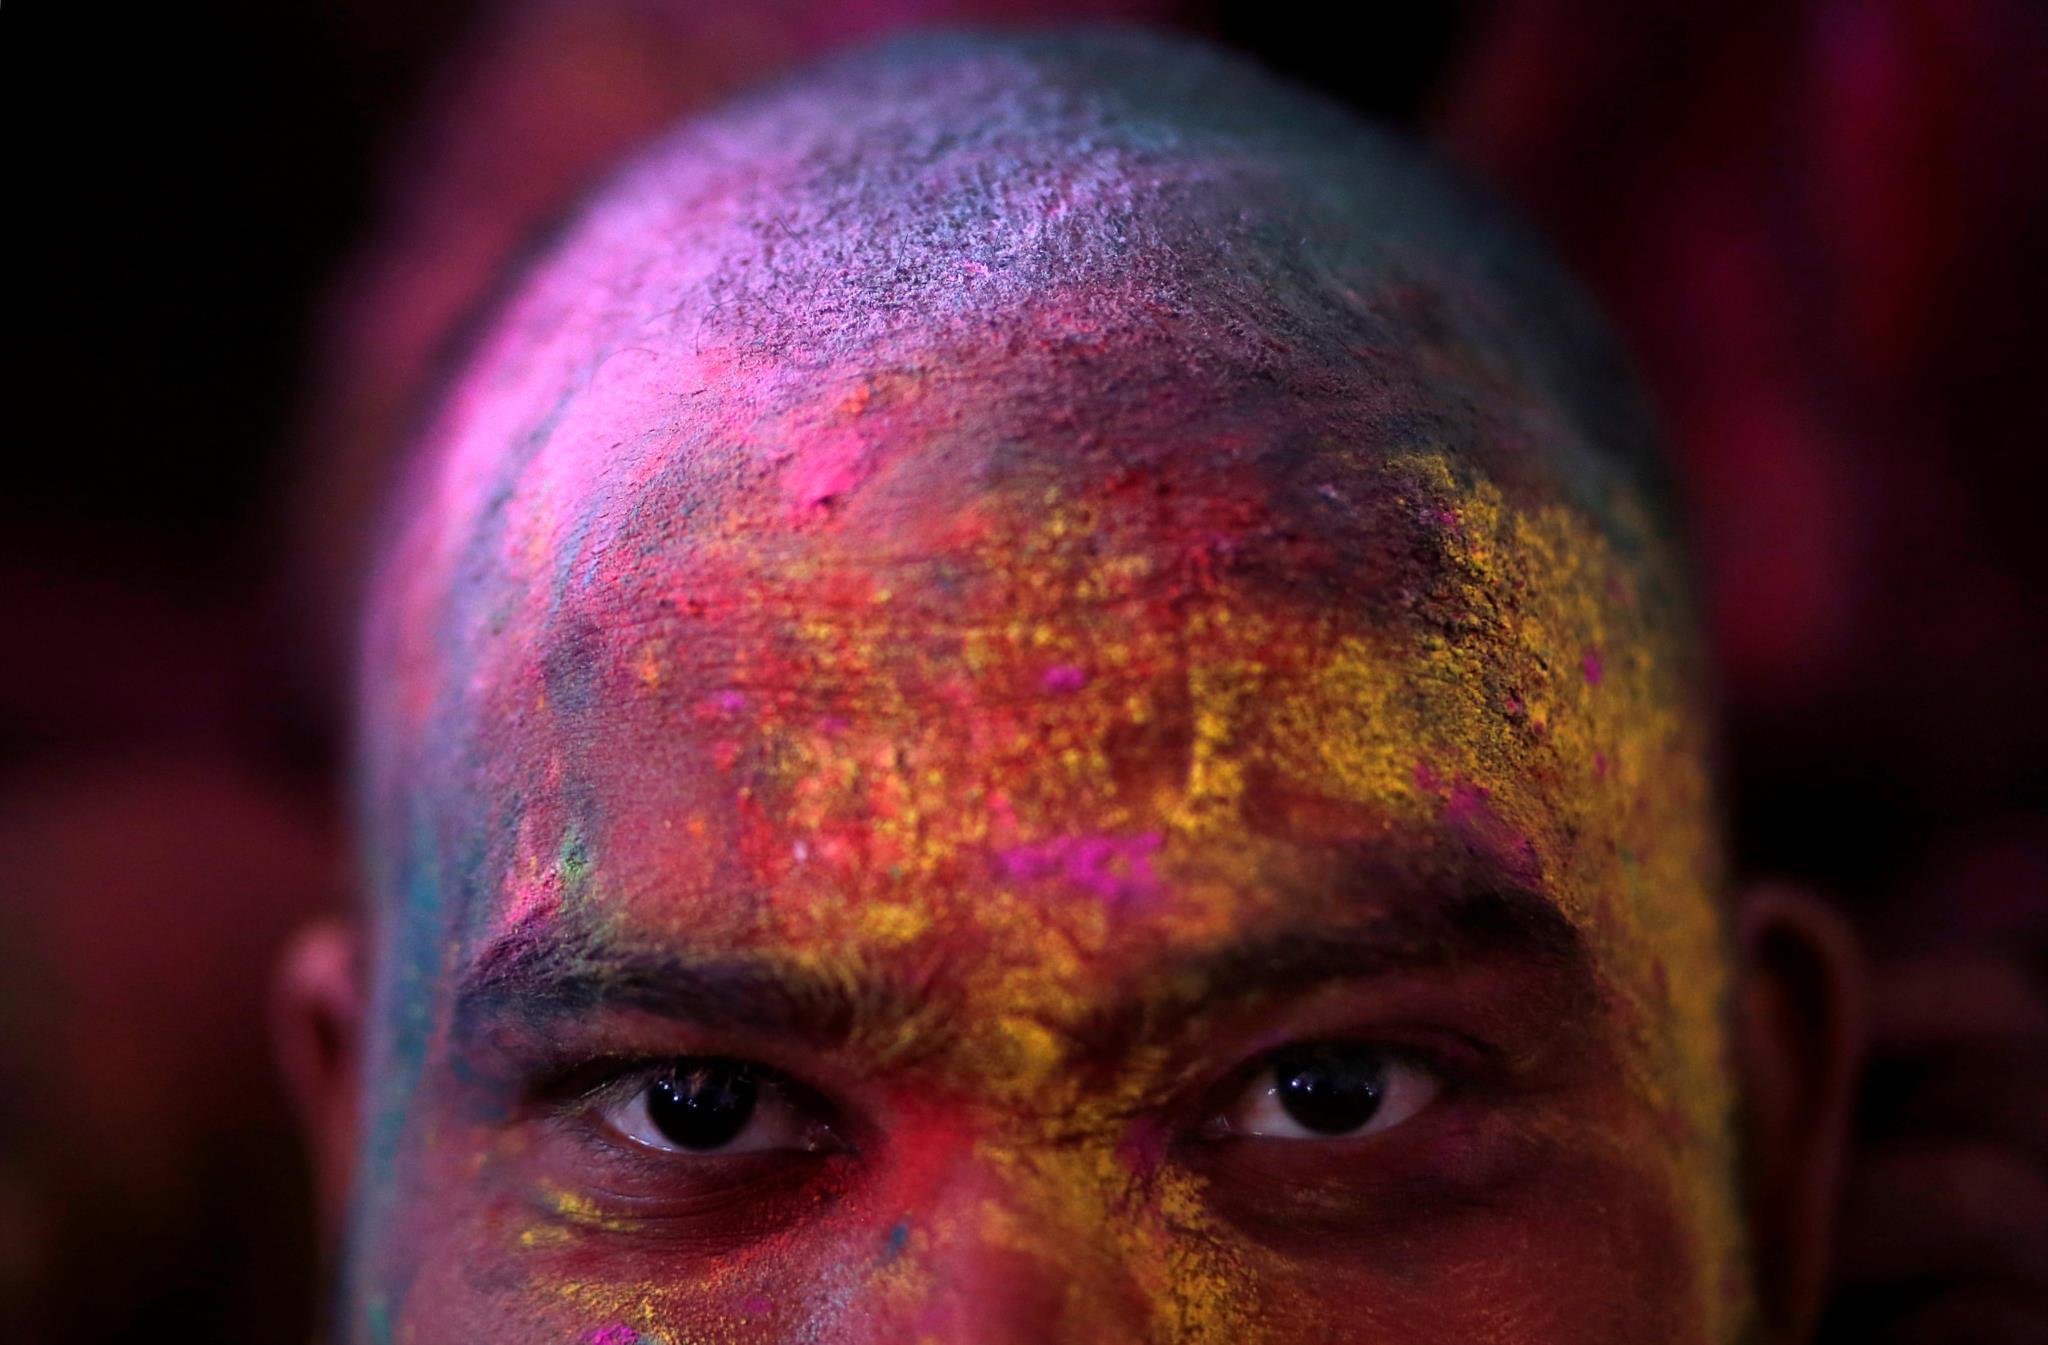 Um homem coberto de pós de várias cores durante o Festival das Cores na Índia